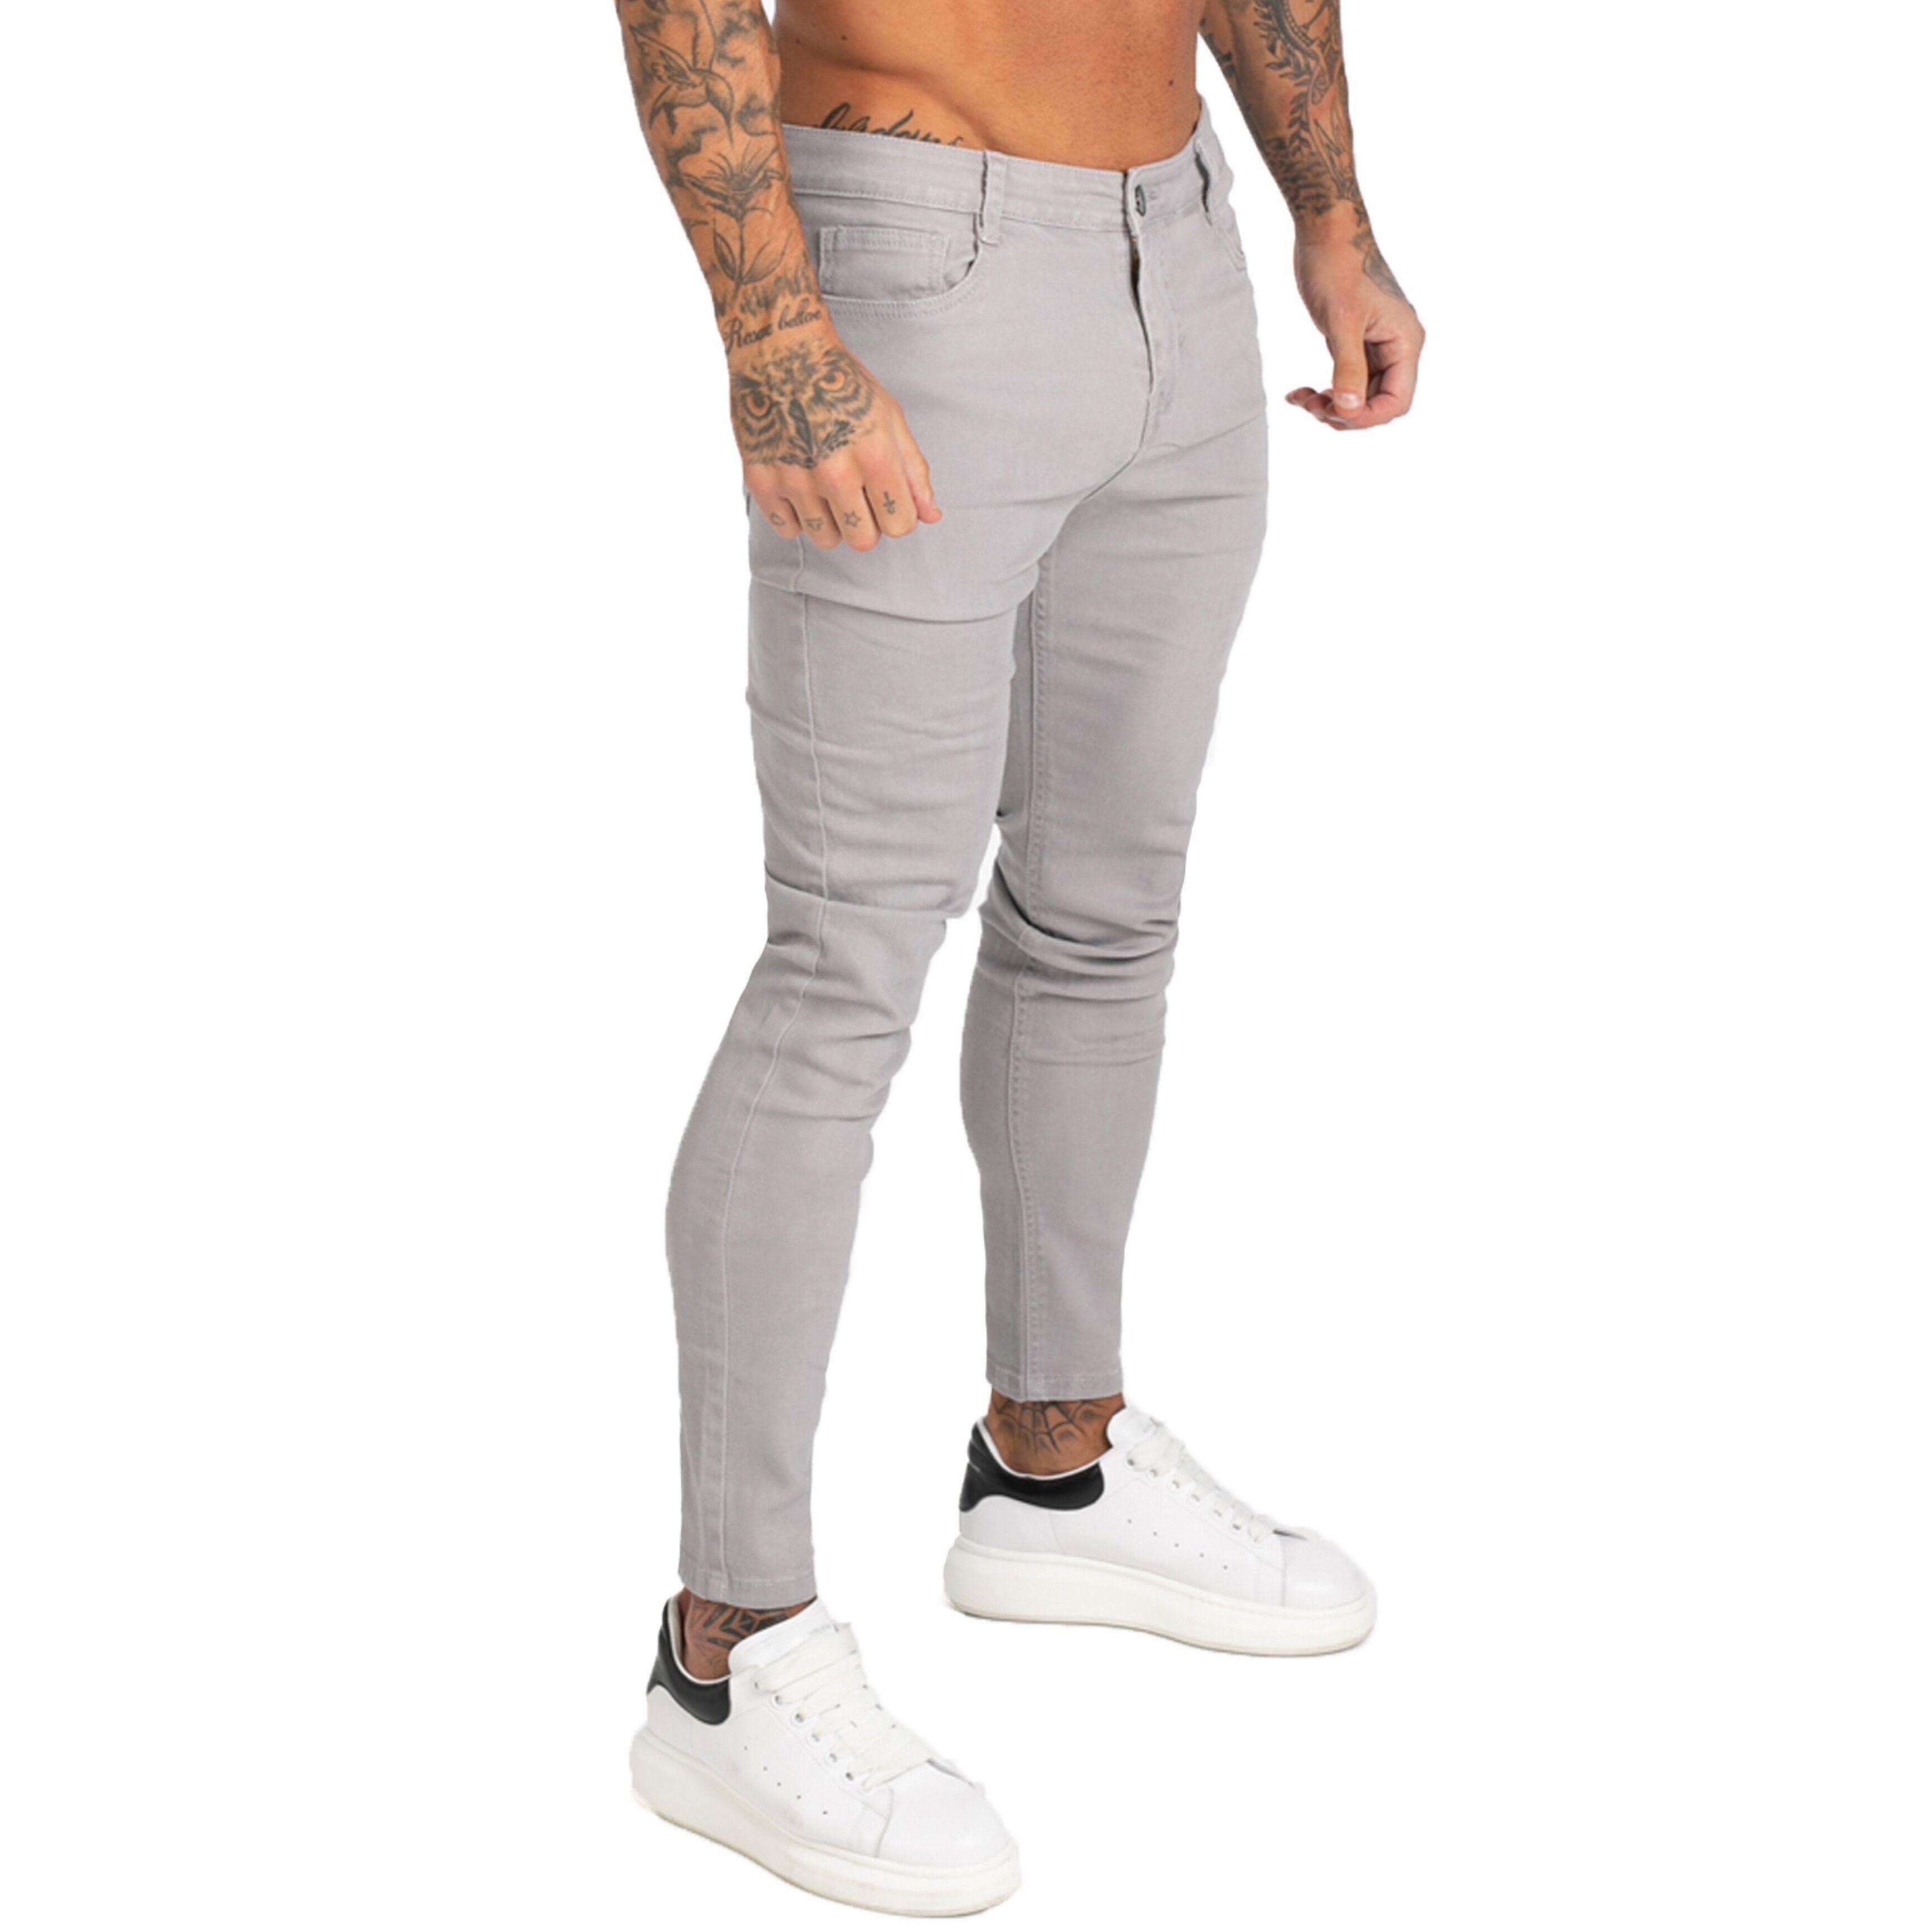 Gingtto Denim Pants Men Skinny Slim Fit Jeans grises para hombres Hip Hop Tobillo apretado Corte de cerca a Cuerpo Gran tamaño Estirar ZM175 C1123